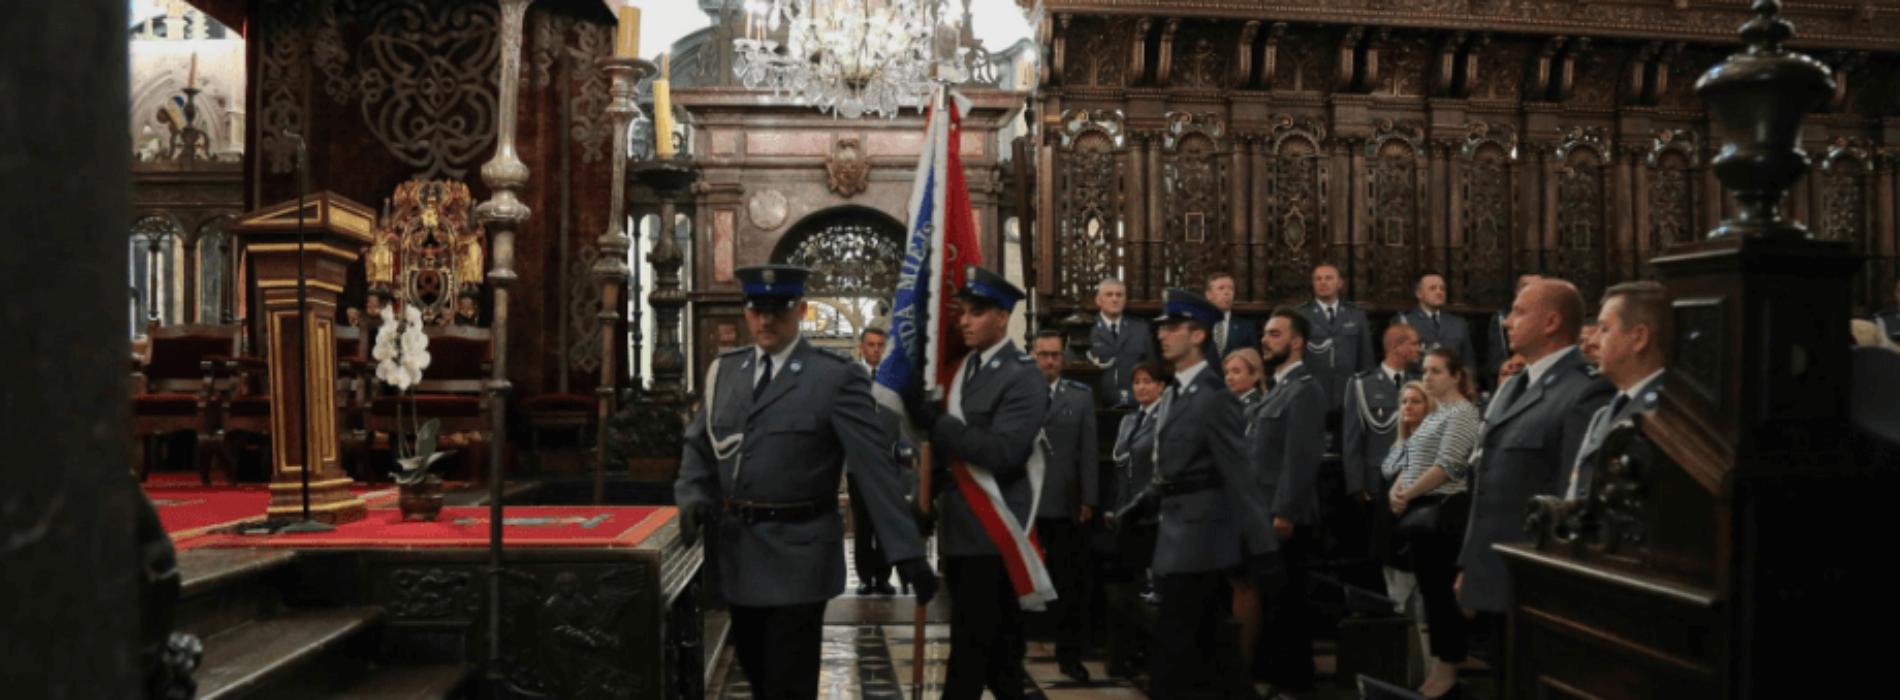 Msza święta w intencji małopolskiej Policji w Katedrze Królewskiej na Wawelu